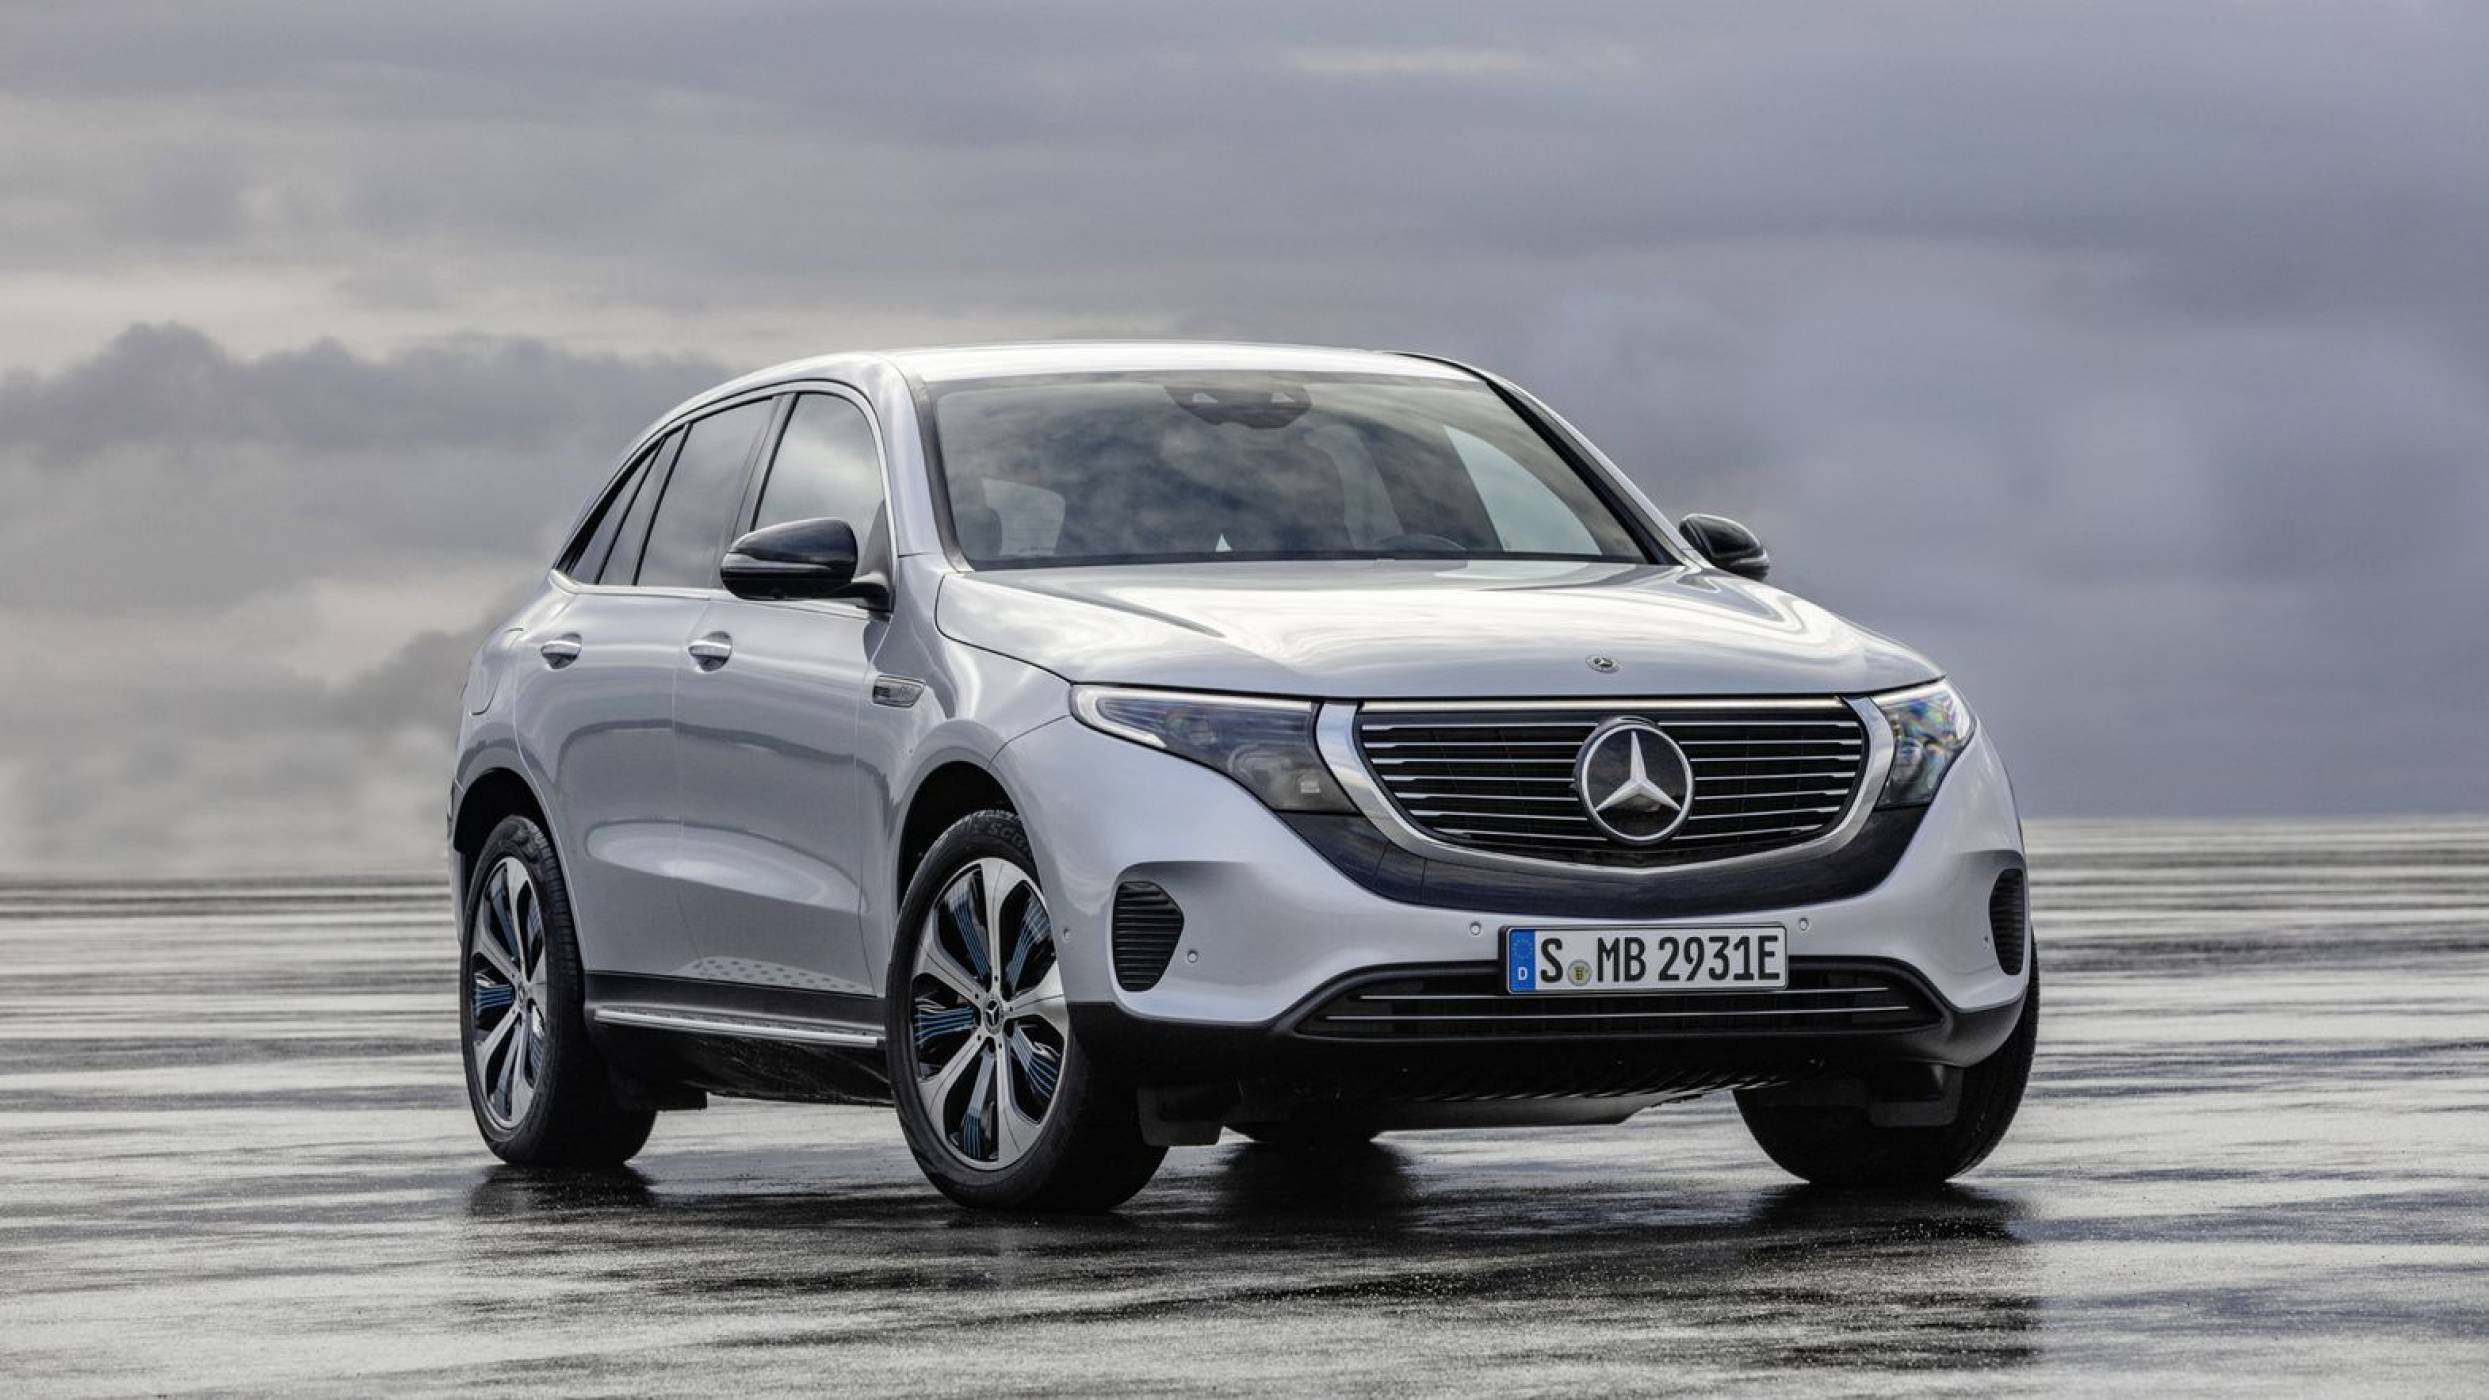 Първата изцяло е-кола на Mercedes е могъщ SUV със сериозен пробег